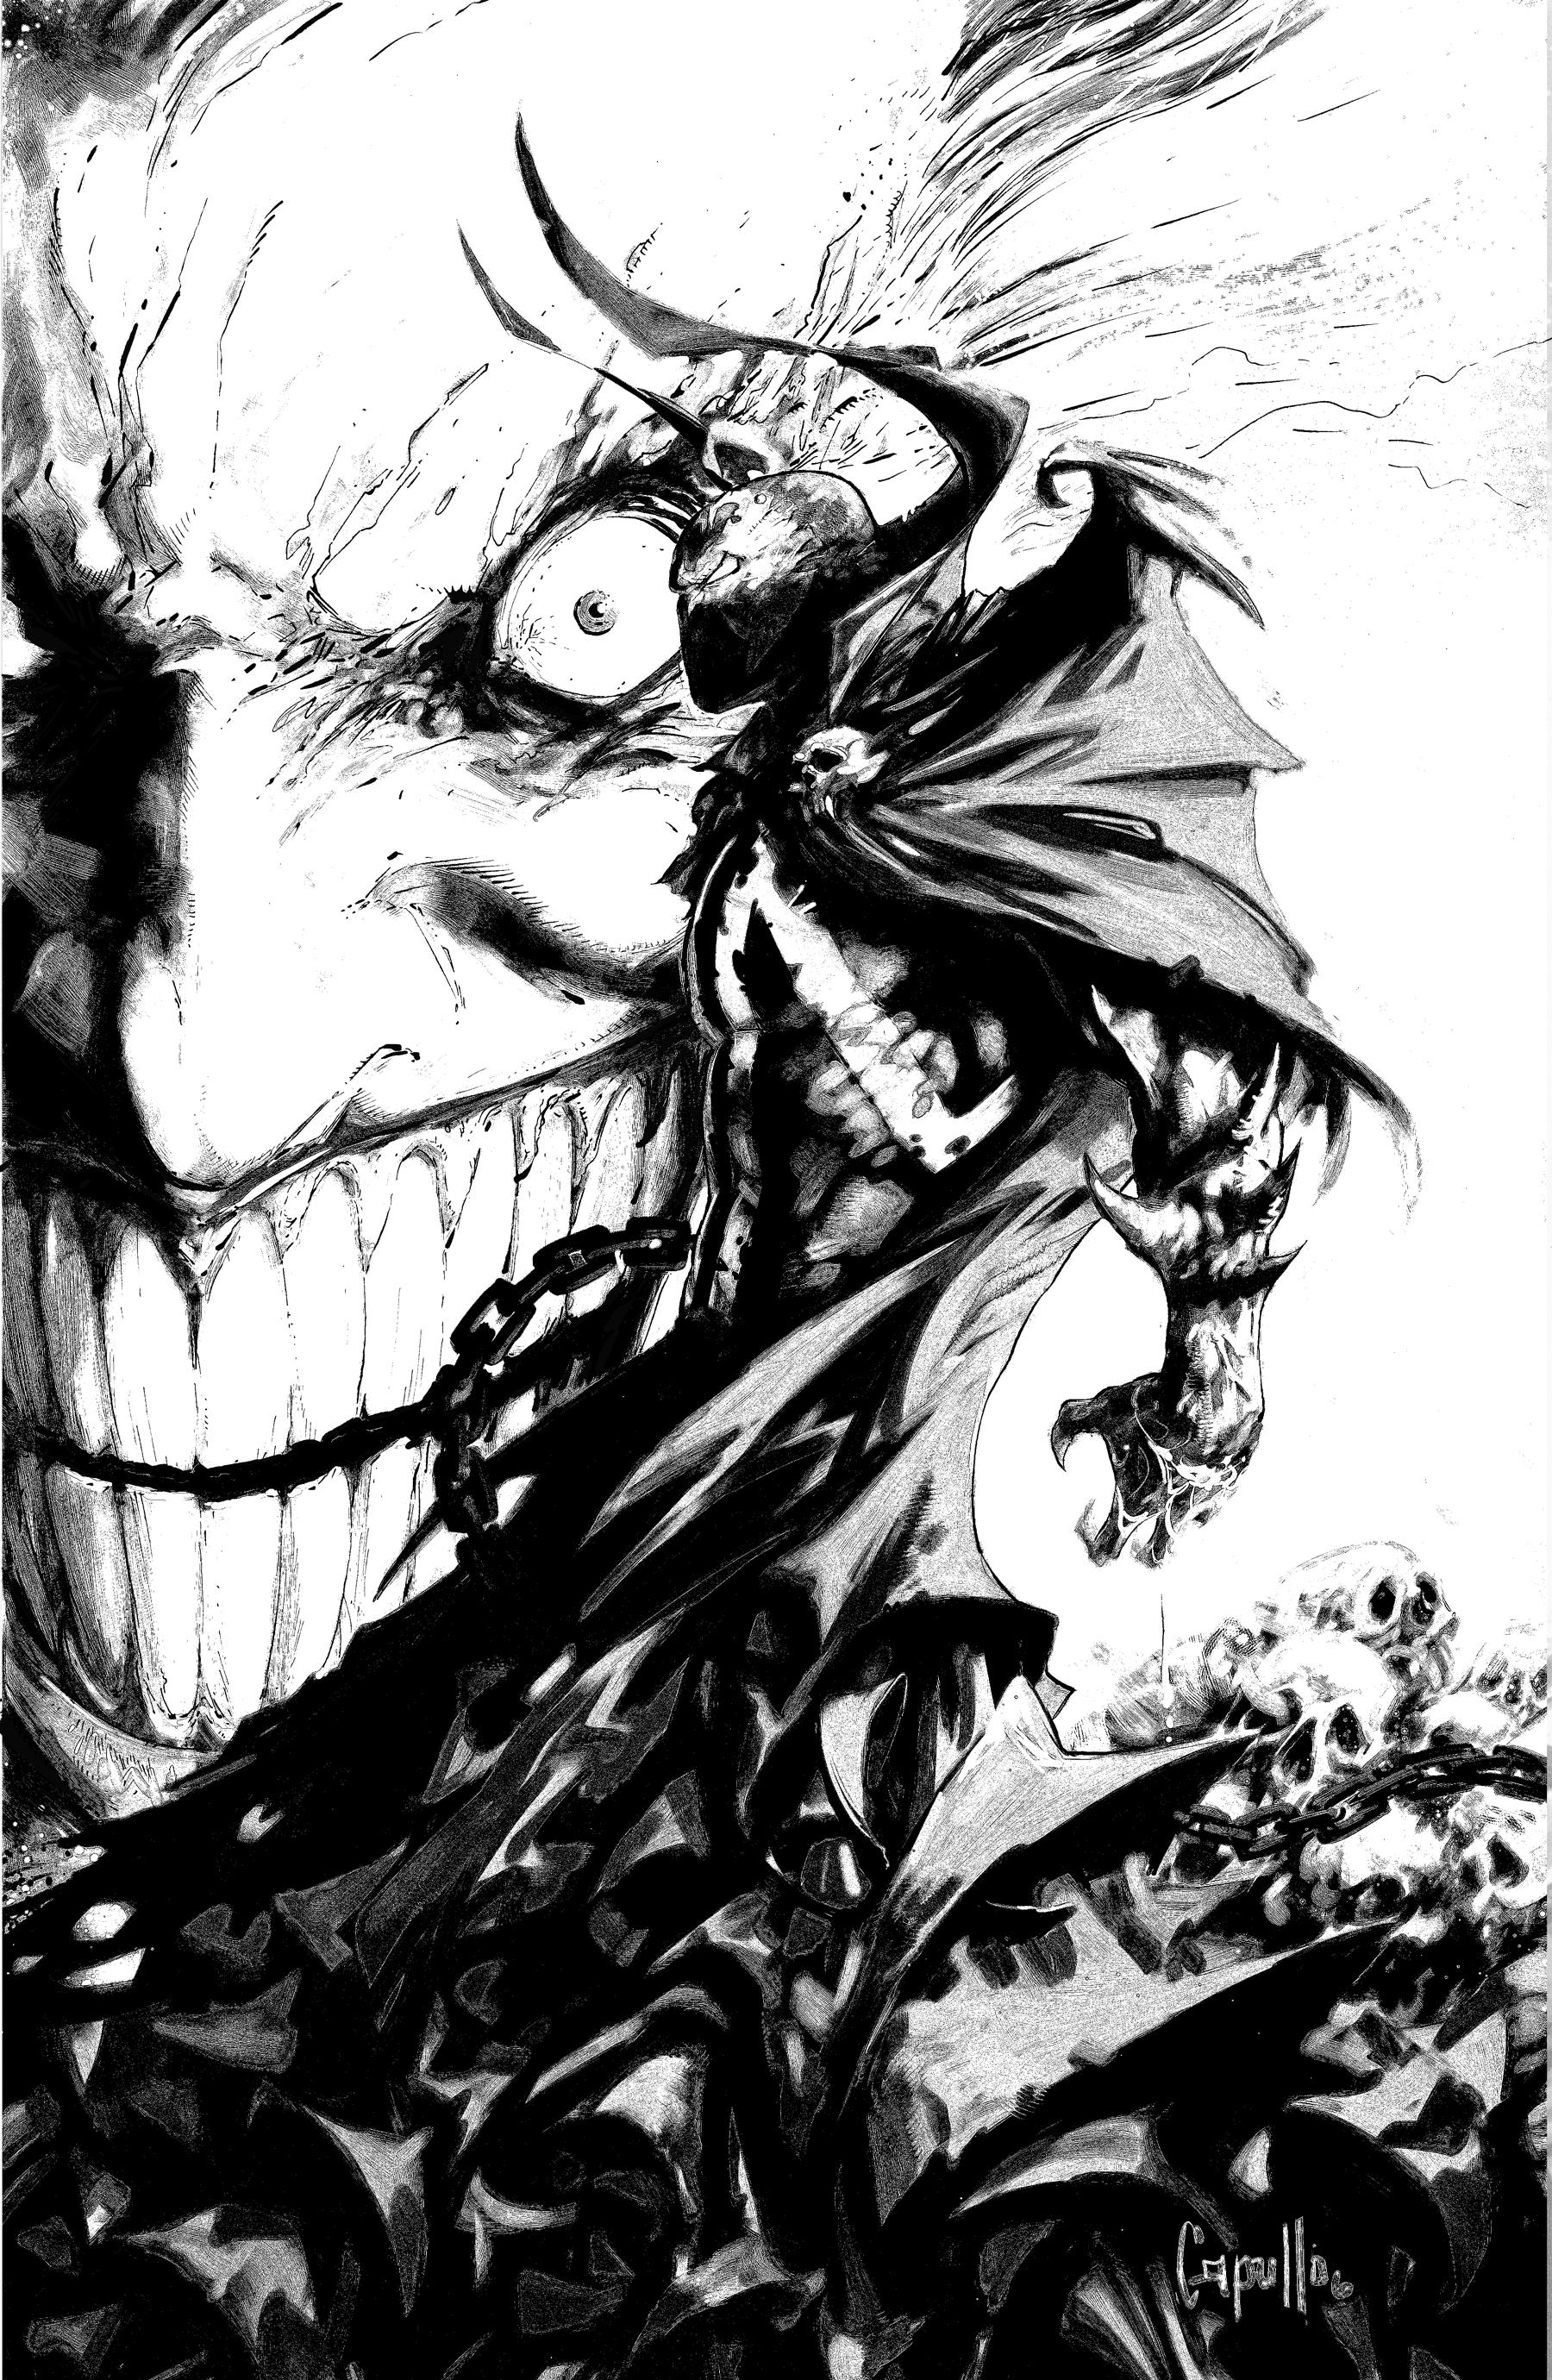 Spawngg.joker